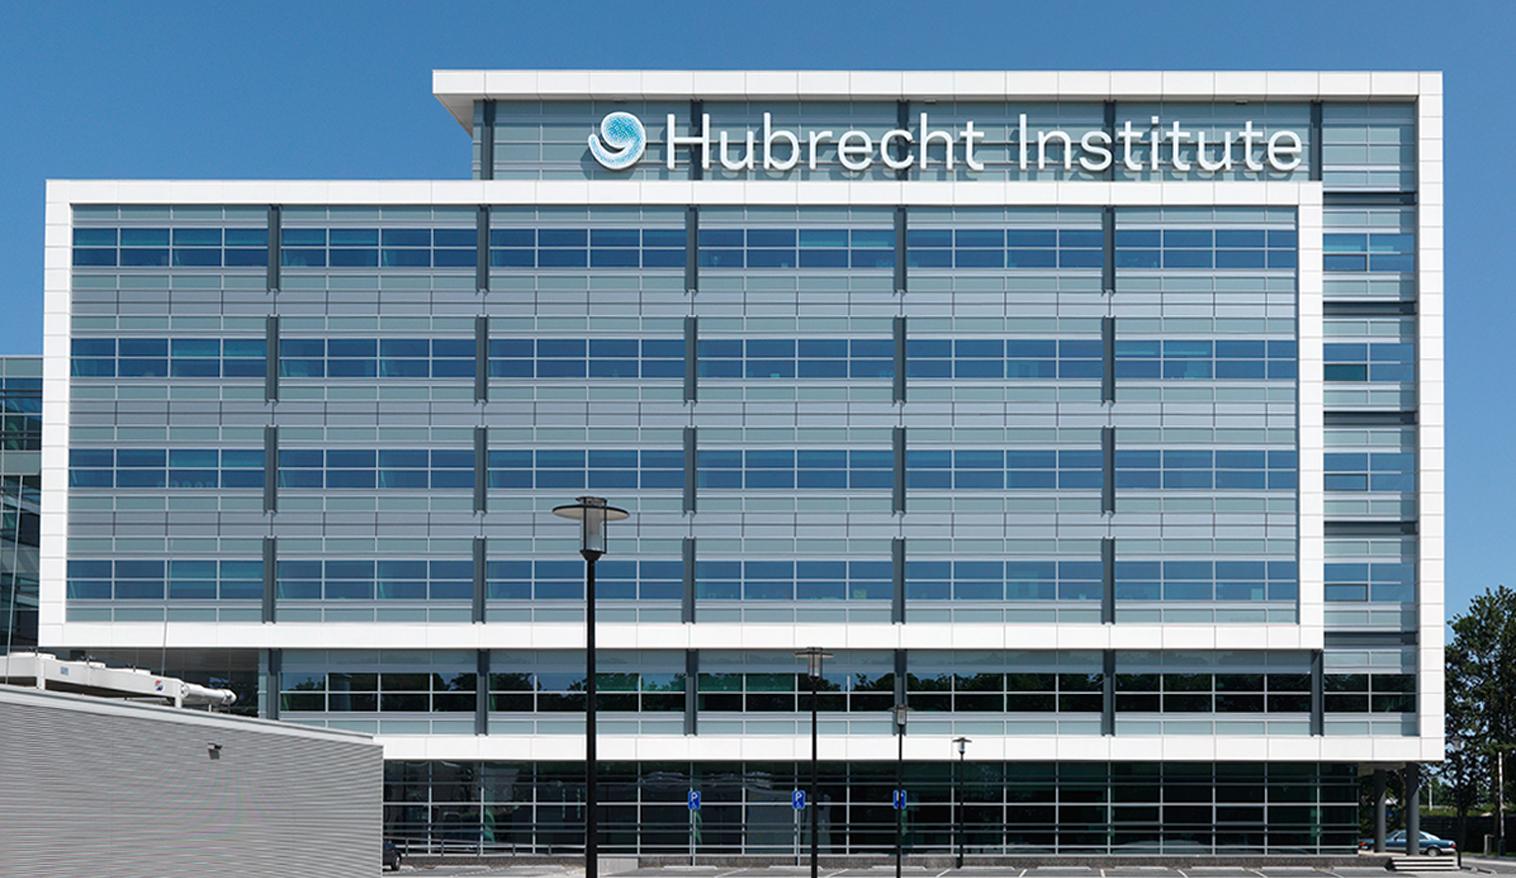 z03 OPLarchitecten_Hubrecht Institute De Uithof 1516×878-72dpi